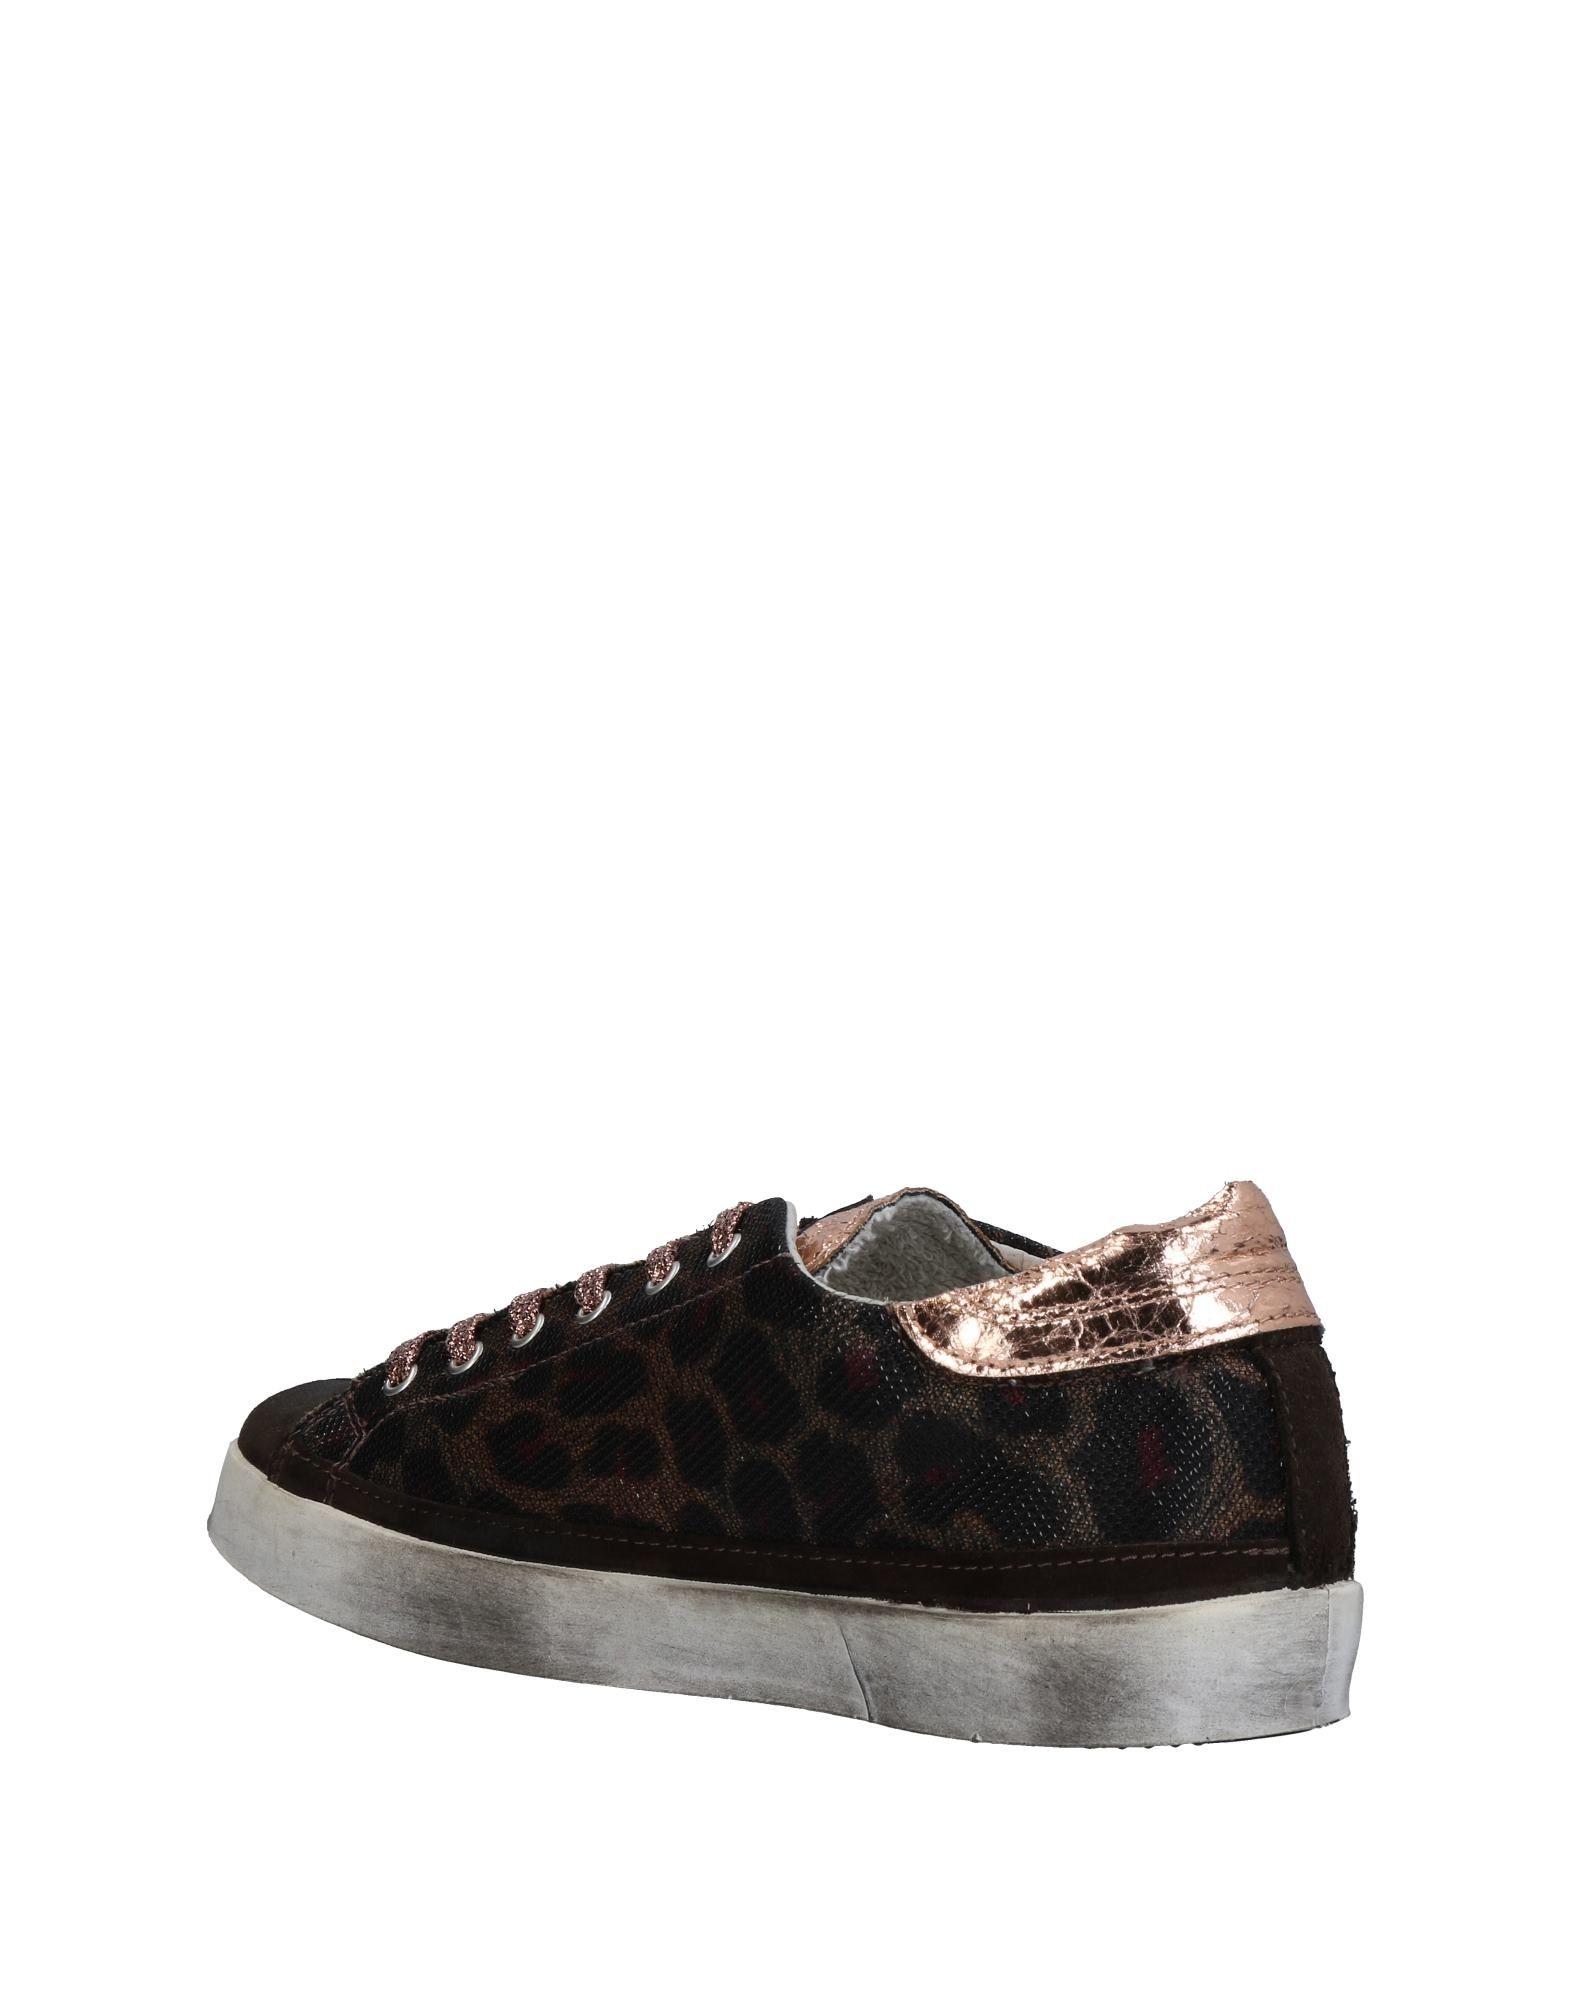 2Star Gute Sneakers Damen  11463785QM Gute 2Star Qualität beliebte Schuhe 972385